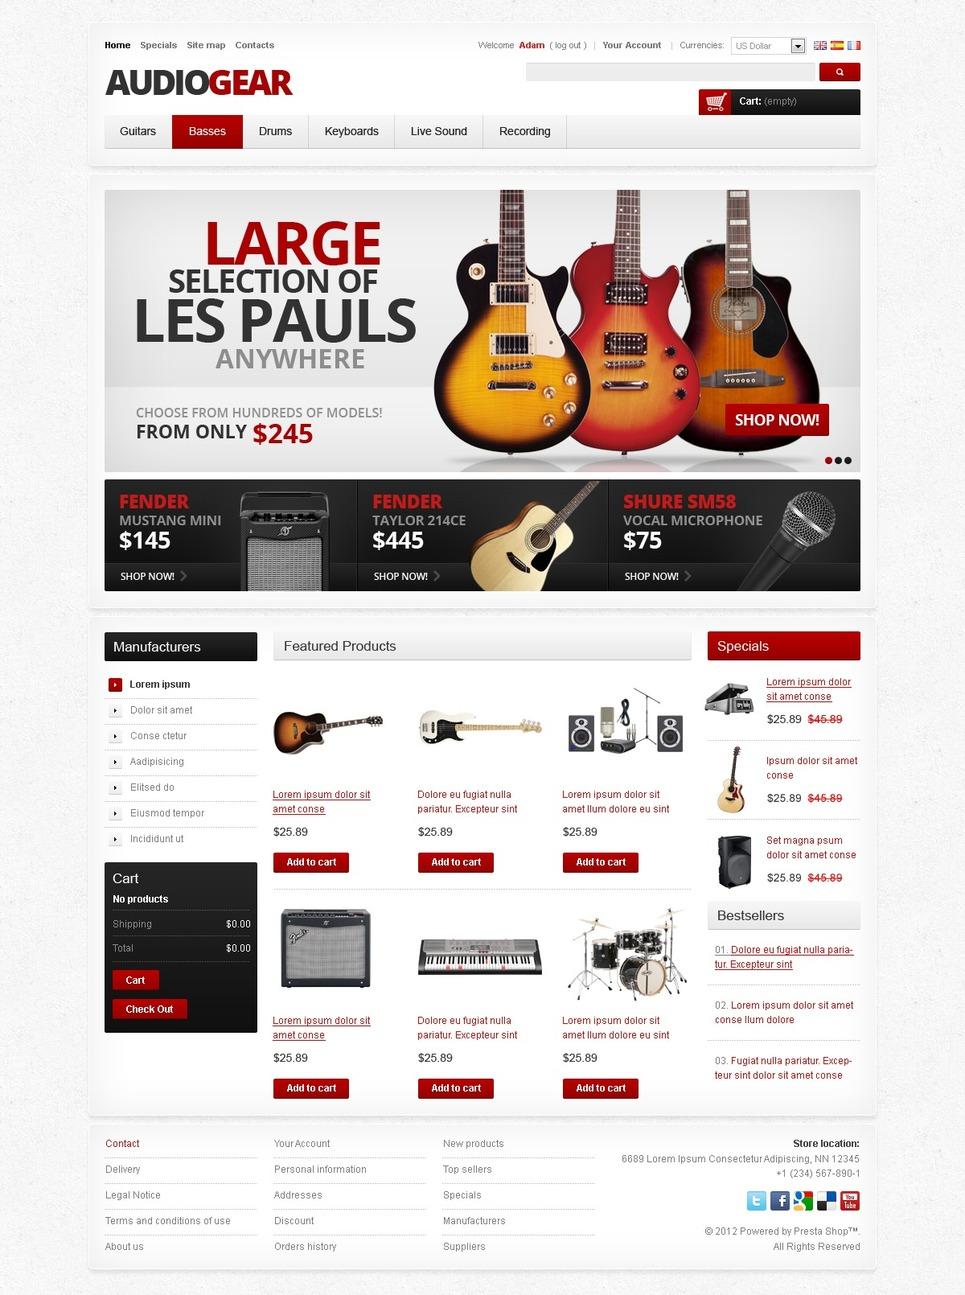 Best Musical Instruments & Equipment PrestaShop Theme